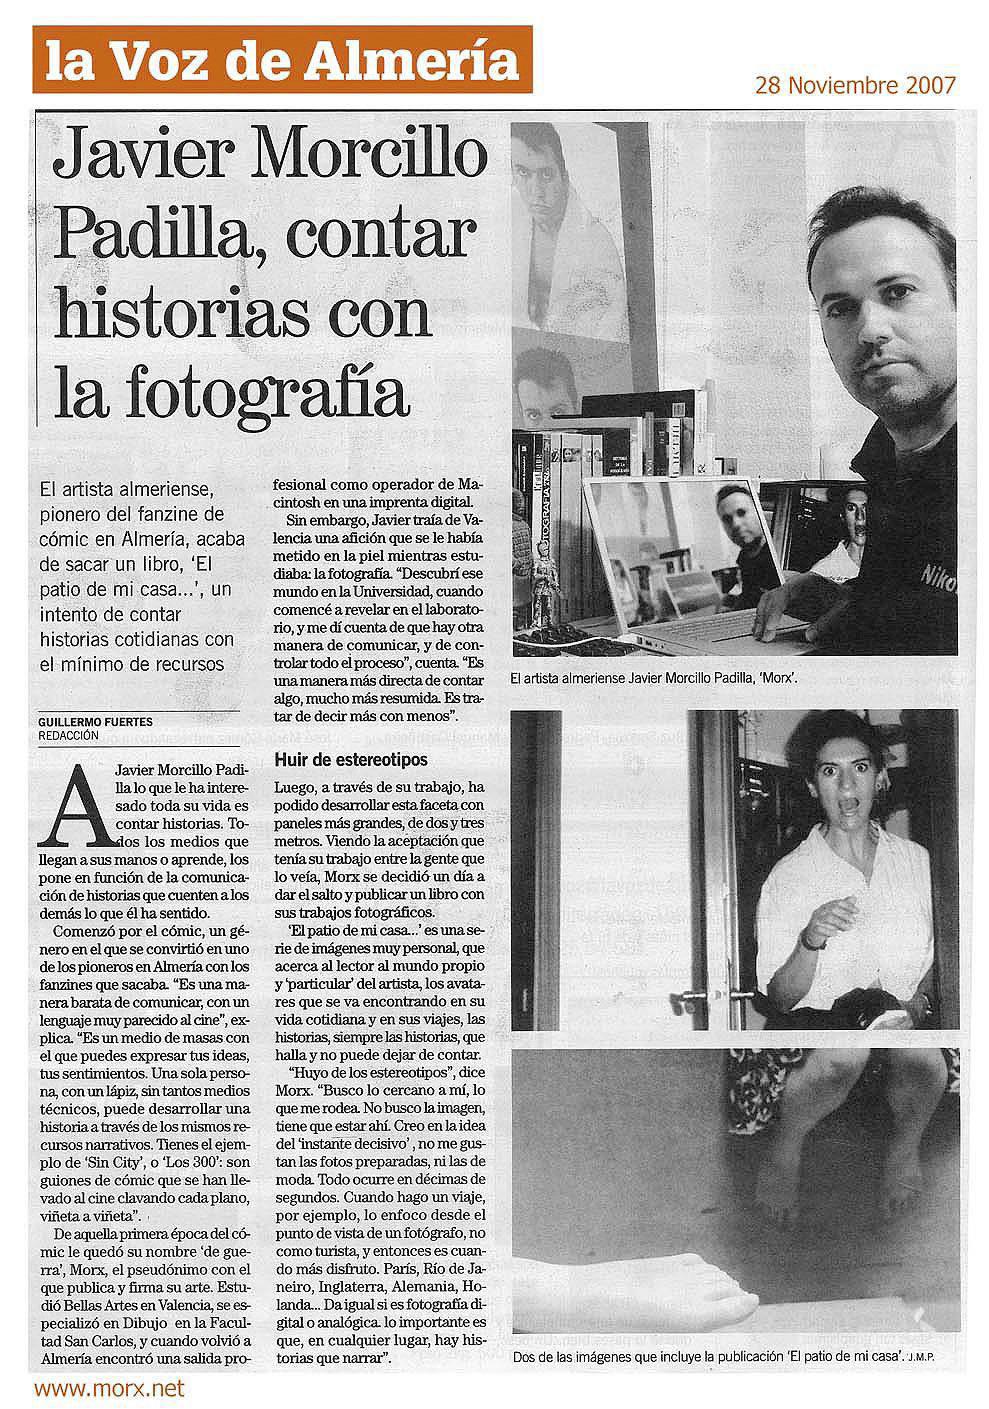 Artículo aparecido en La Voz de Almería.